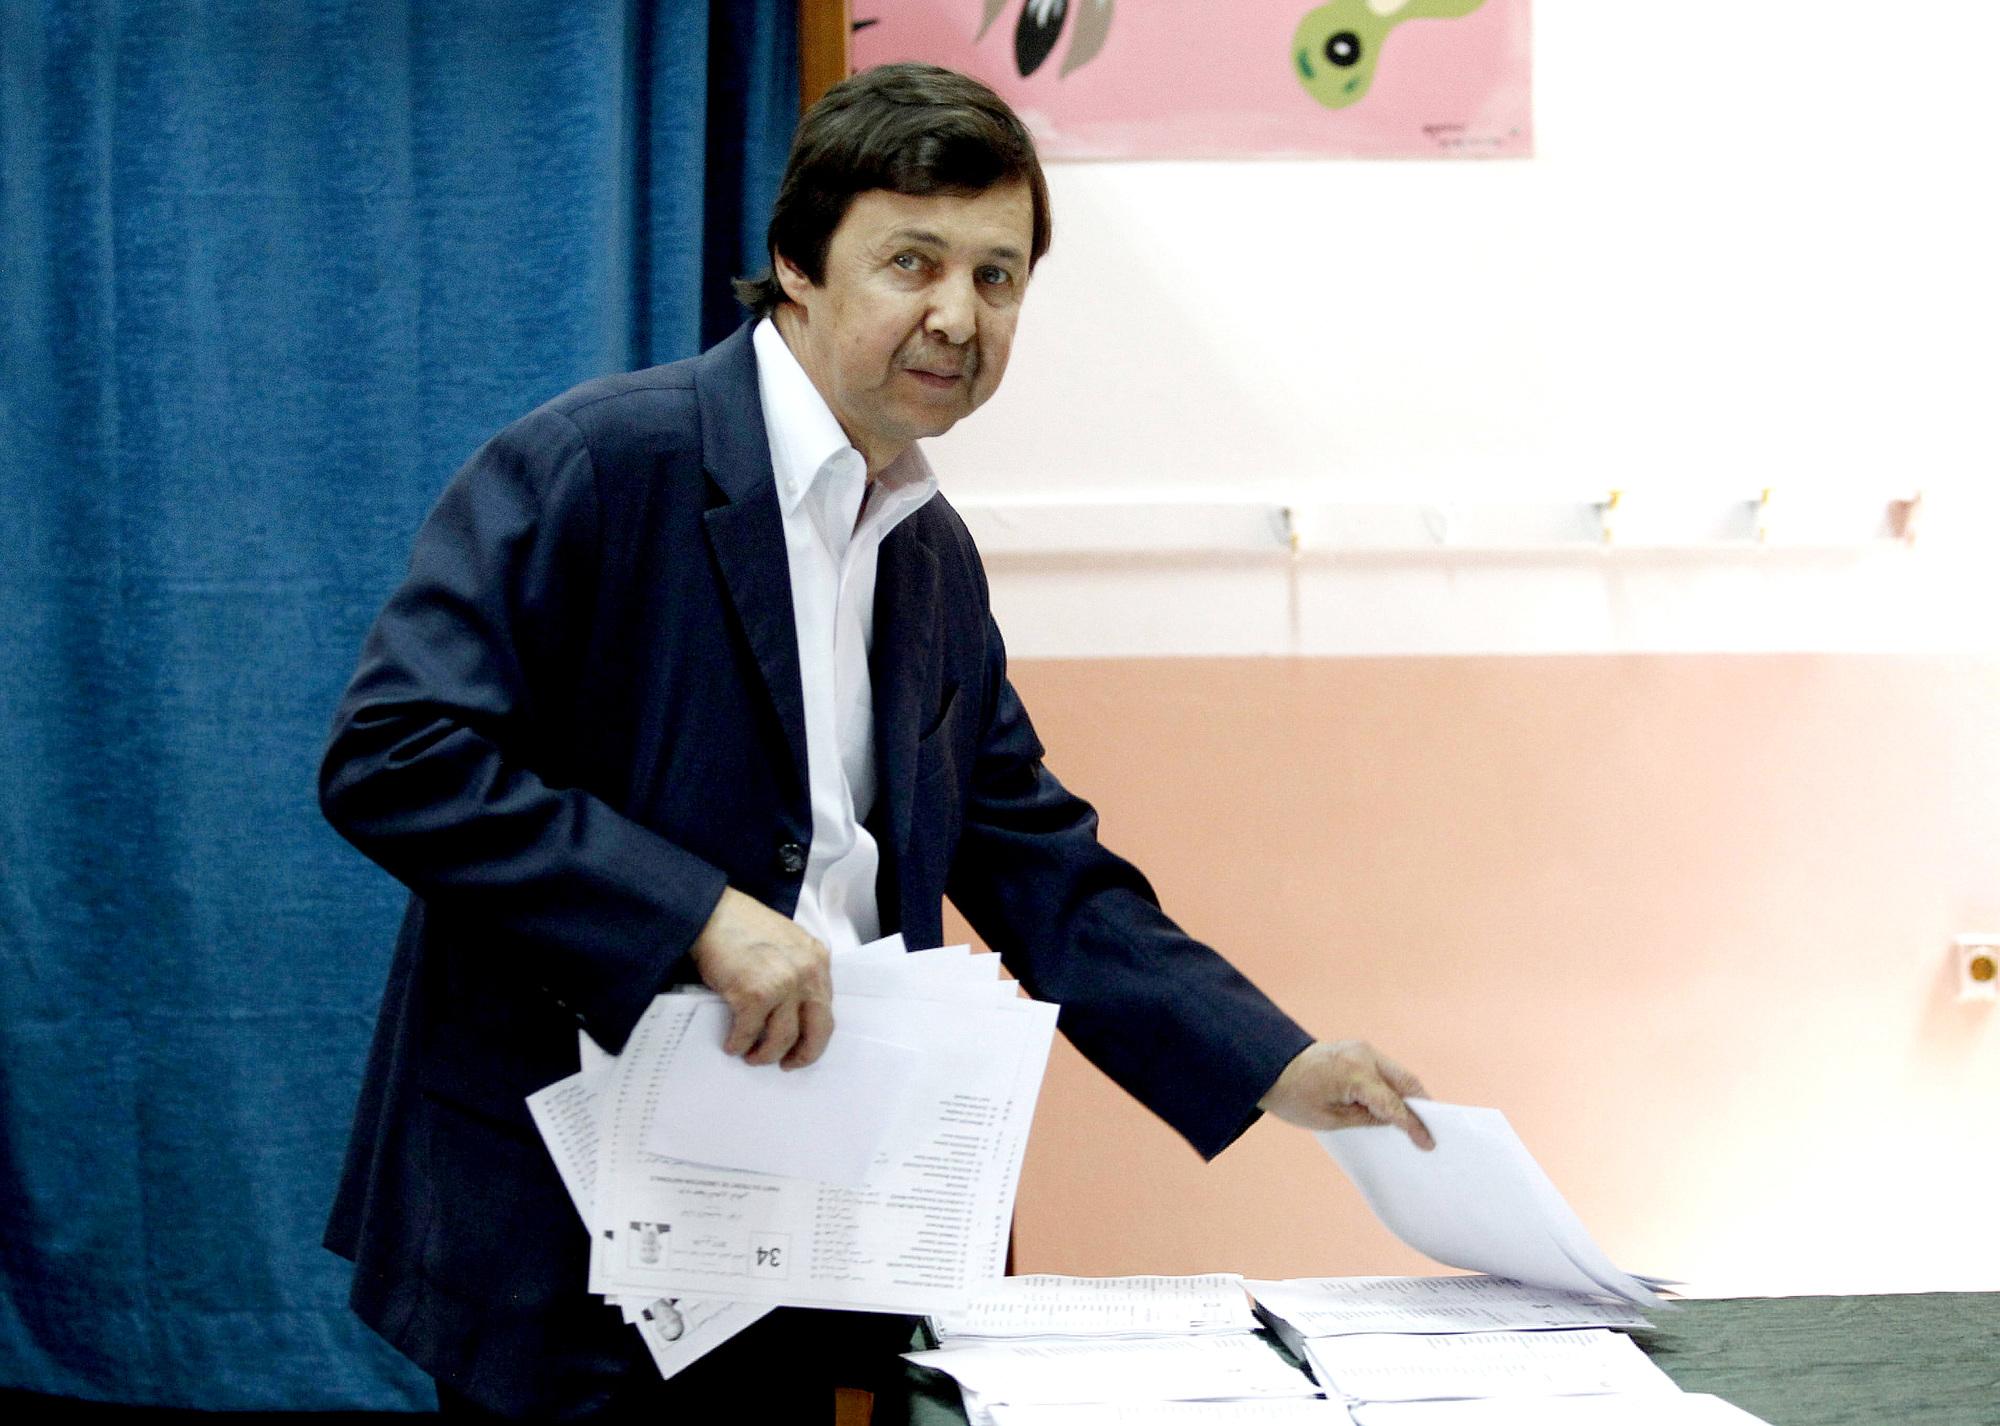 Saïd Bouteflika, le frère et conseiller de l'ex-président algérien Abdelaziz Bouteflika, en mai 2017 dans un bureau de vote.